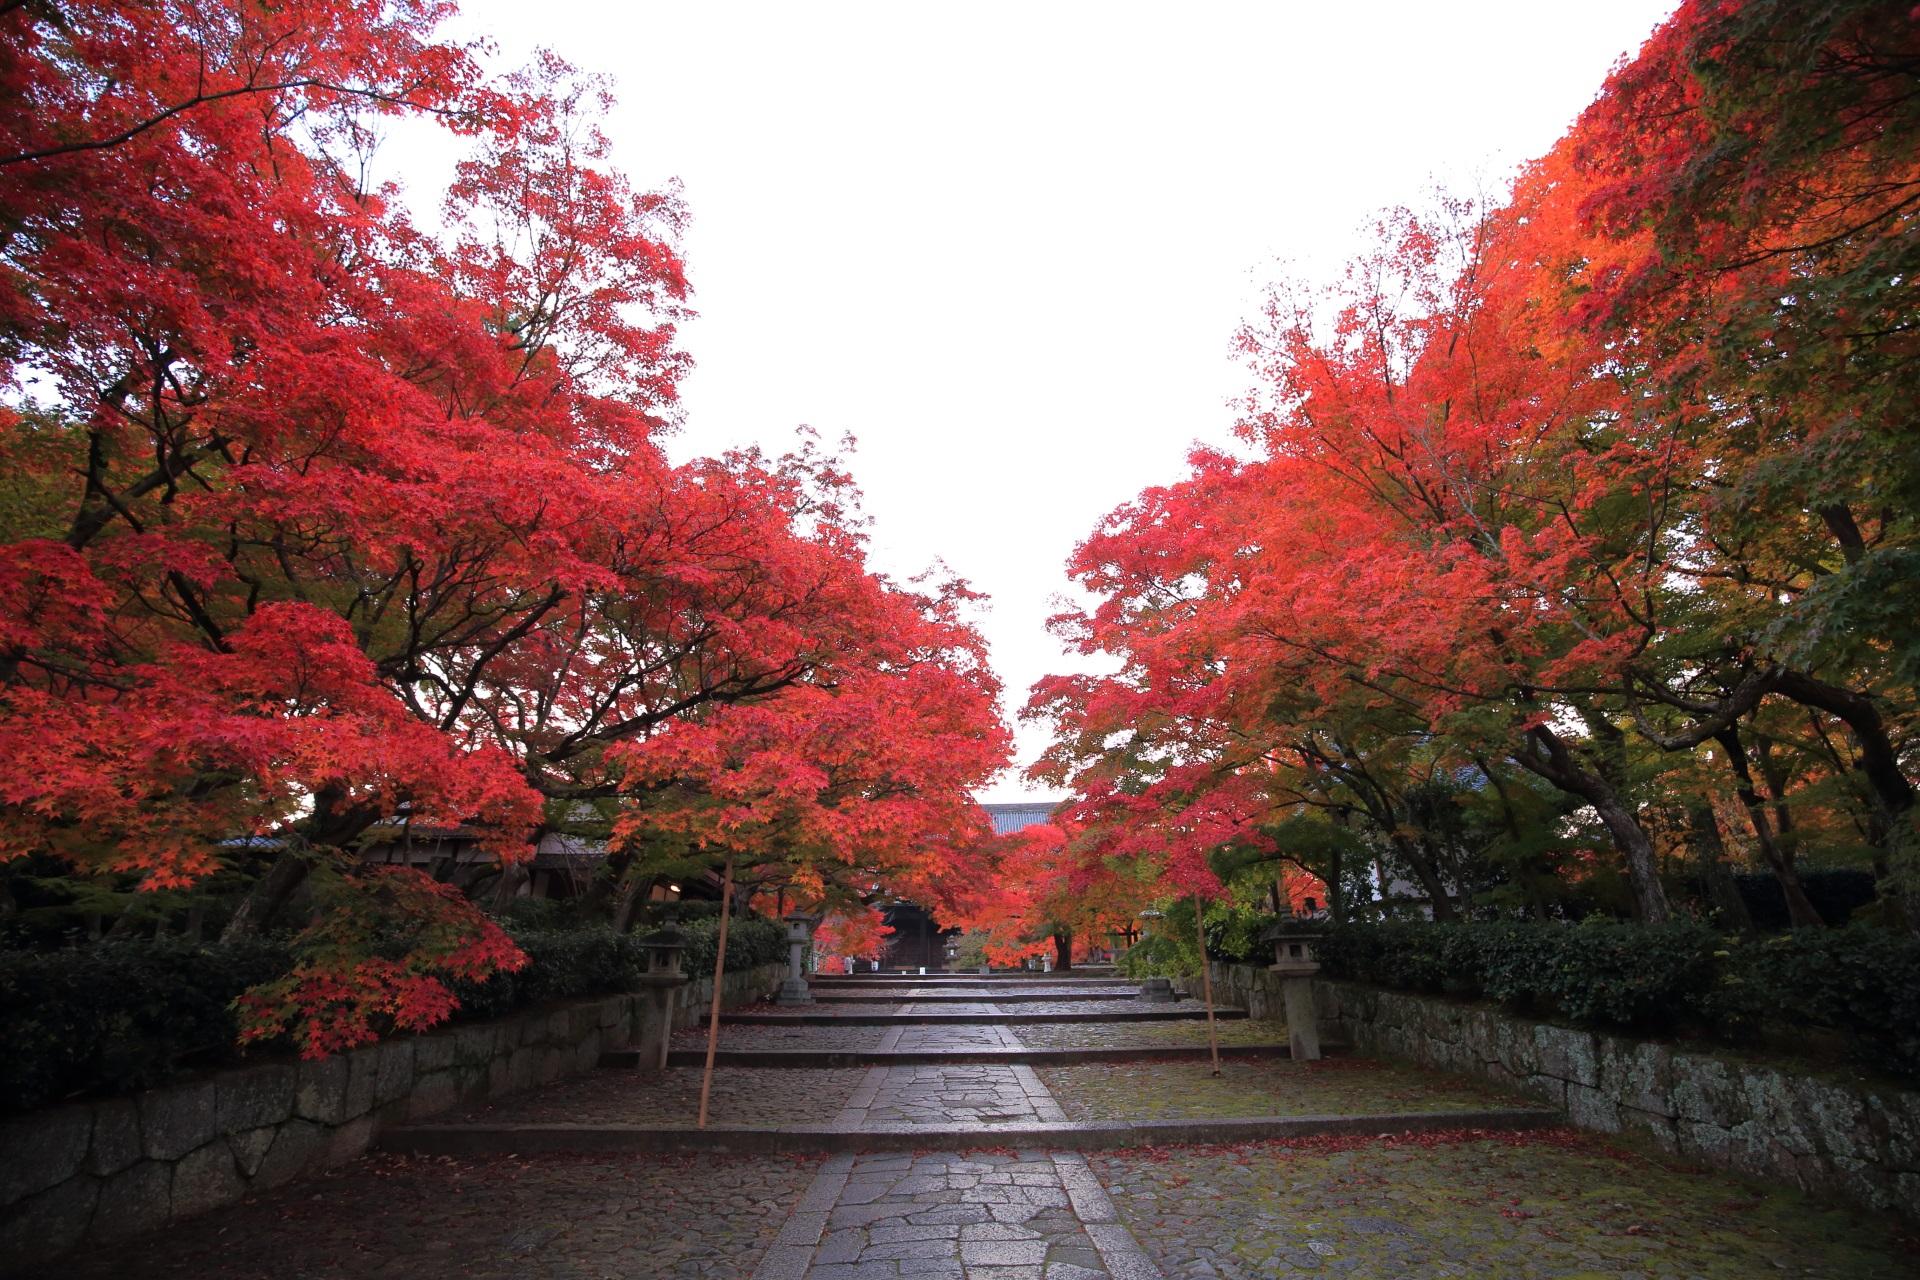 真如堂の参道の溢れる紅葉